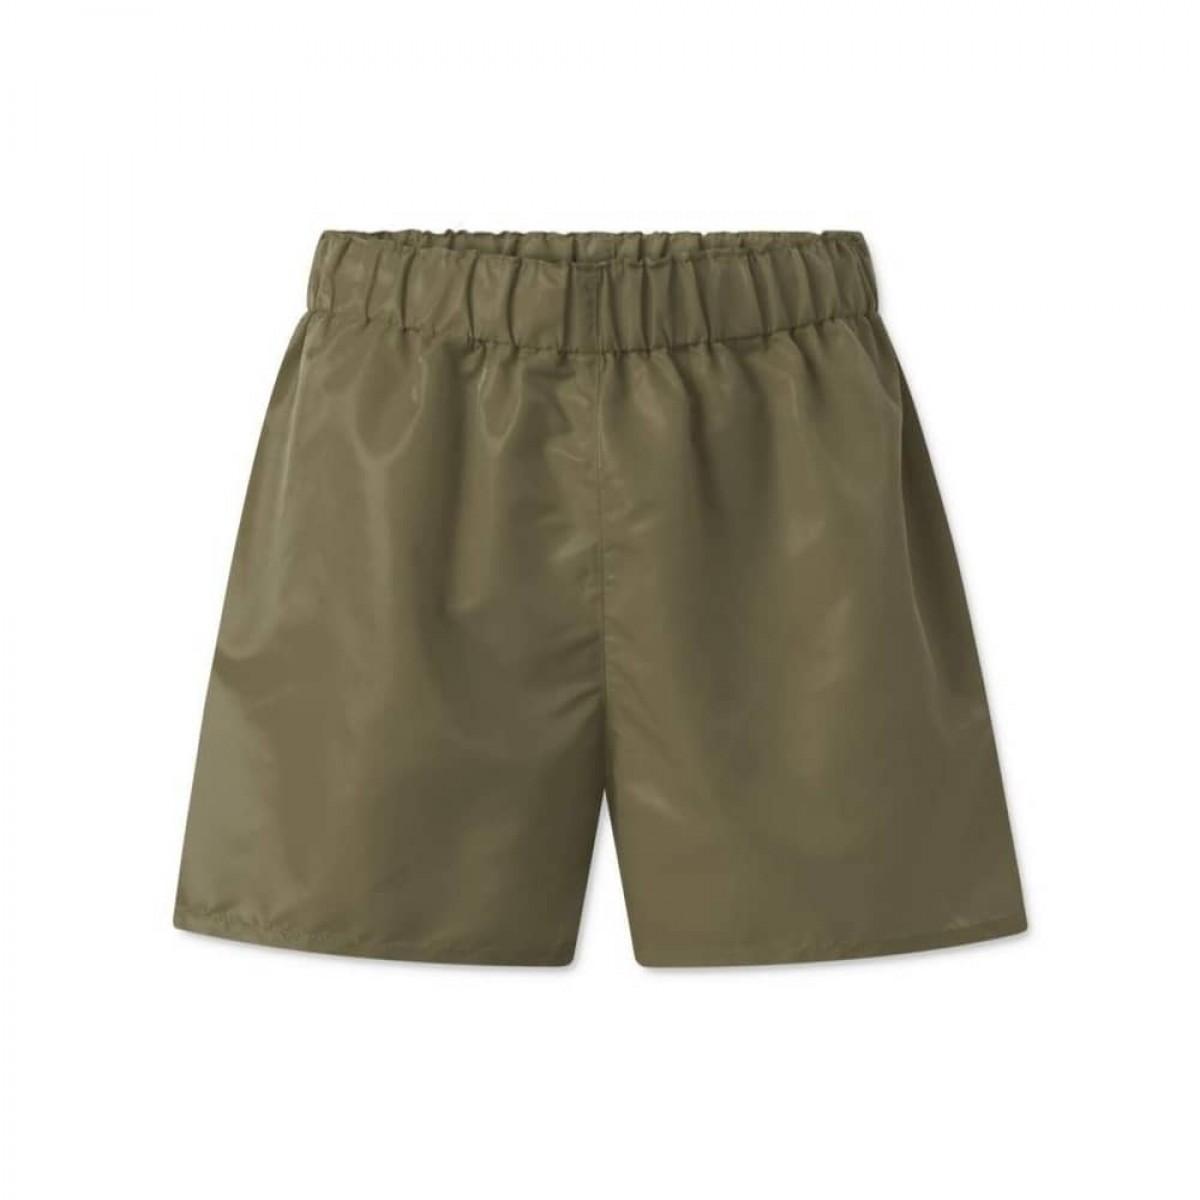 alessio shorts - army - bag